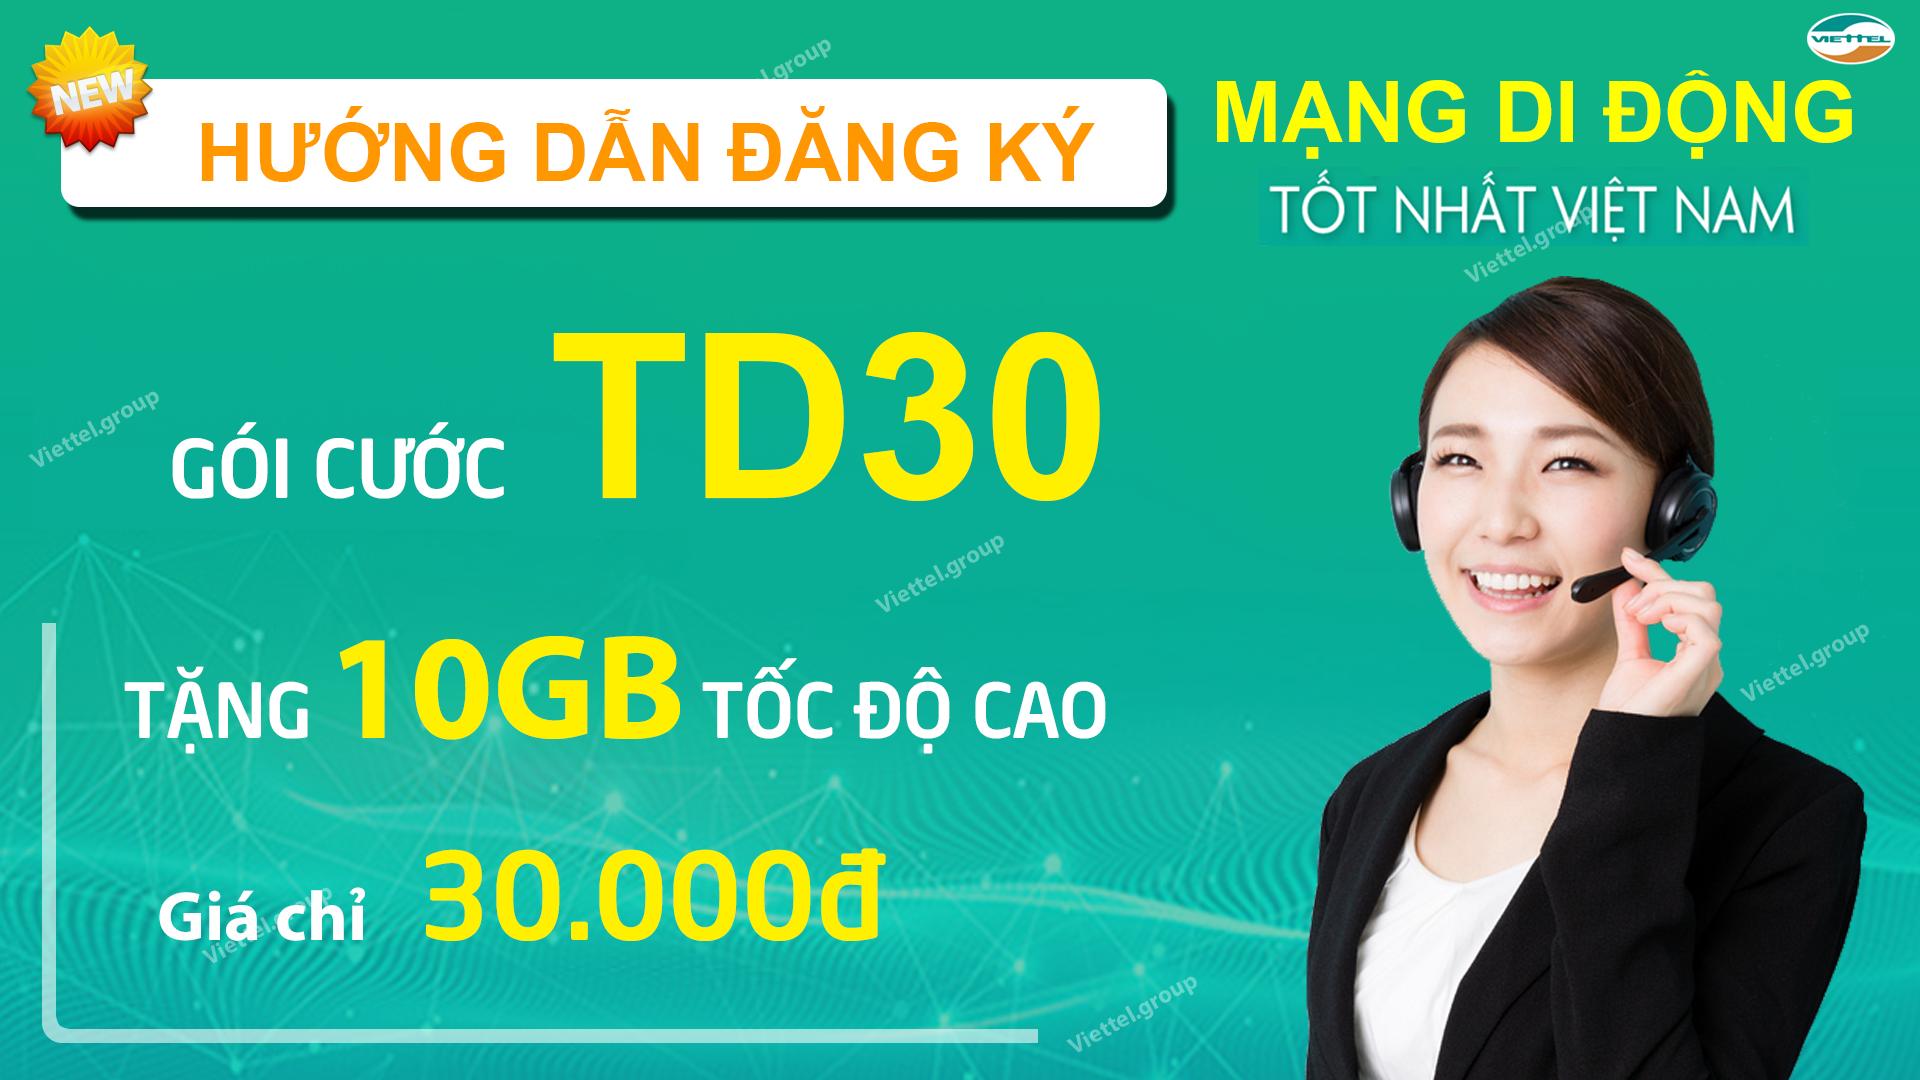 Hướng dẫn đăng ký gói TD30 Viettel